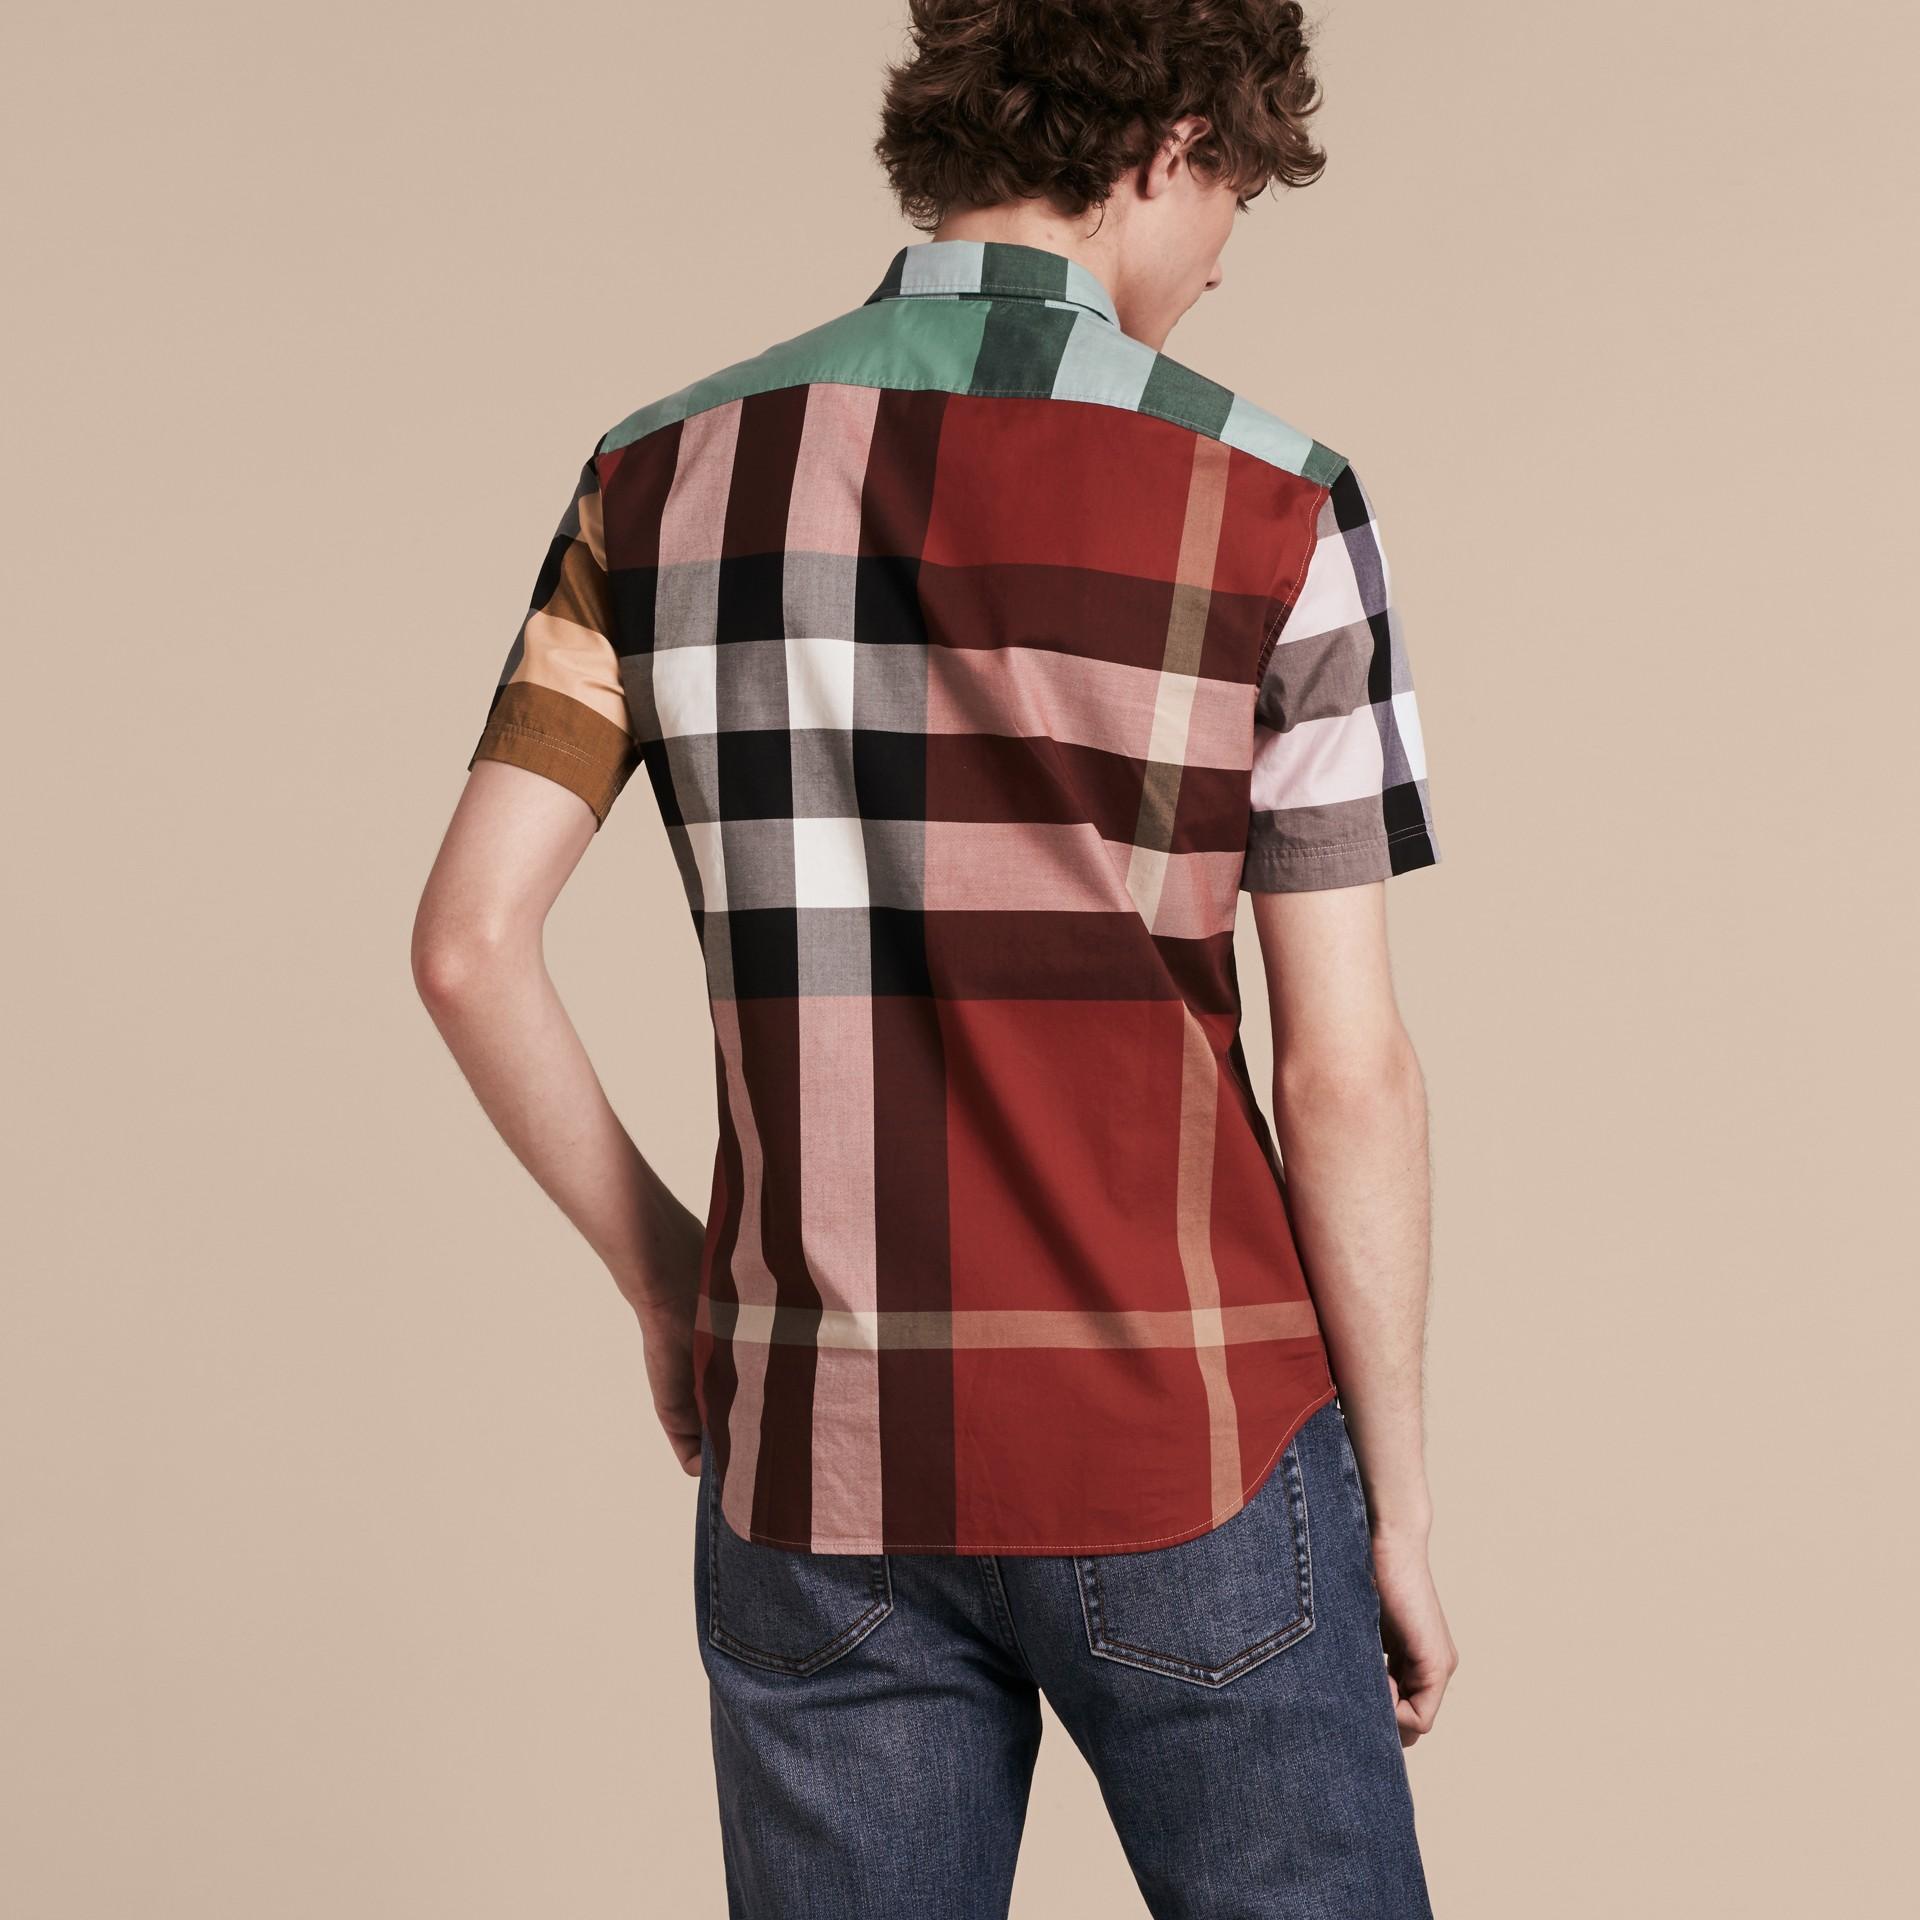 Parade red Camisa de algodão de mangas curtas e estampa Colour Block xadrez Parade Red - galeria de imagens 3